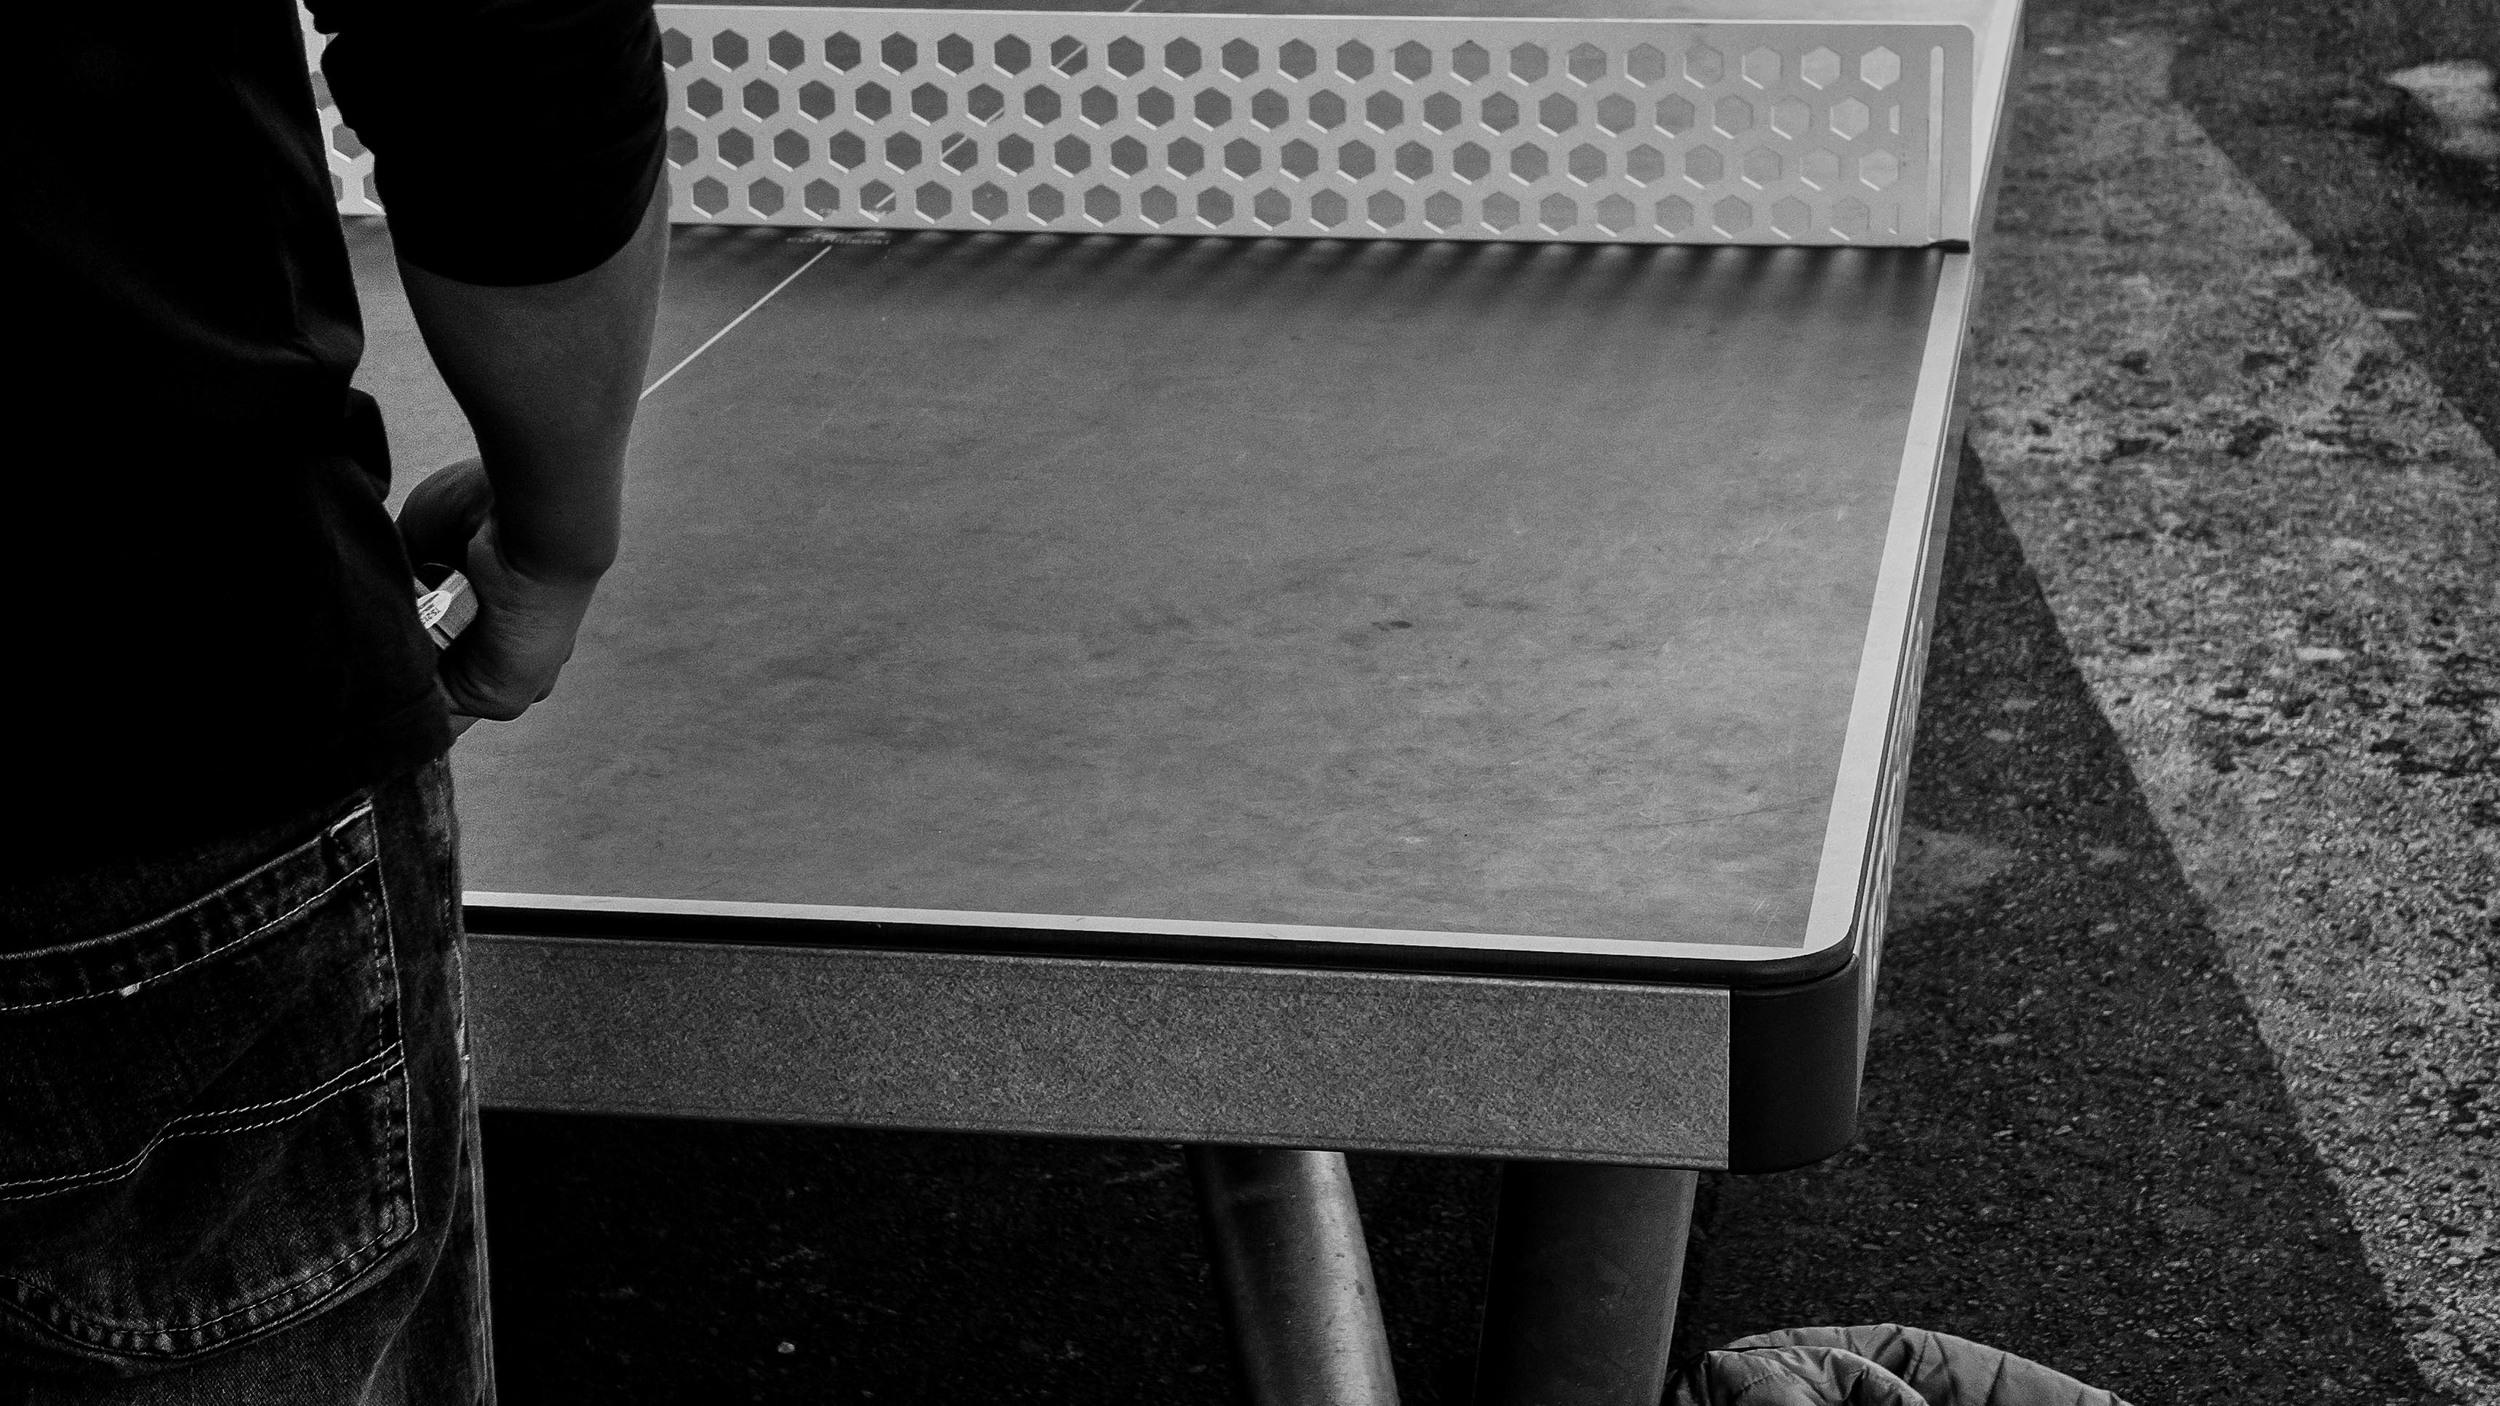 Viewfinder-straatfotografie-Brussel-eigenzinnige-fotografie-Anspachlaan-en-omgeving-pingpongspel-Anspachlaan